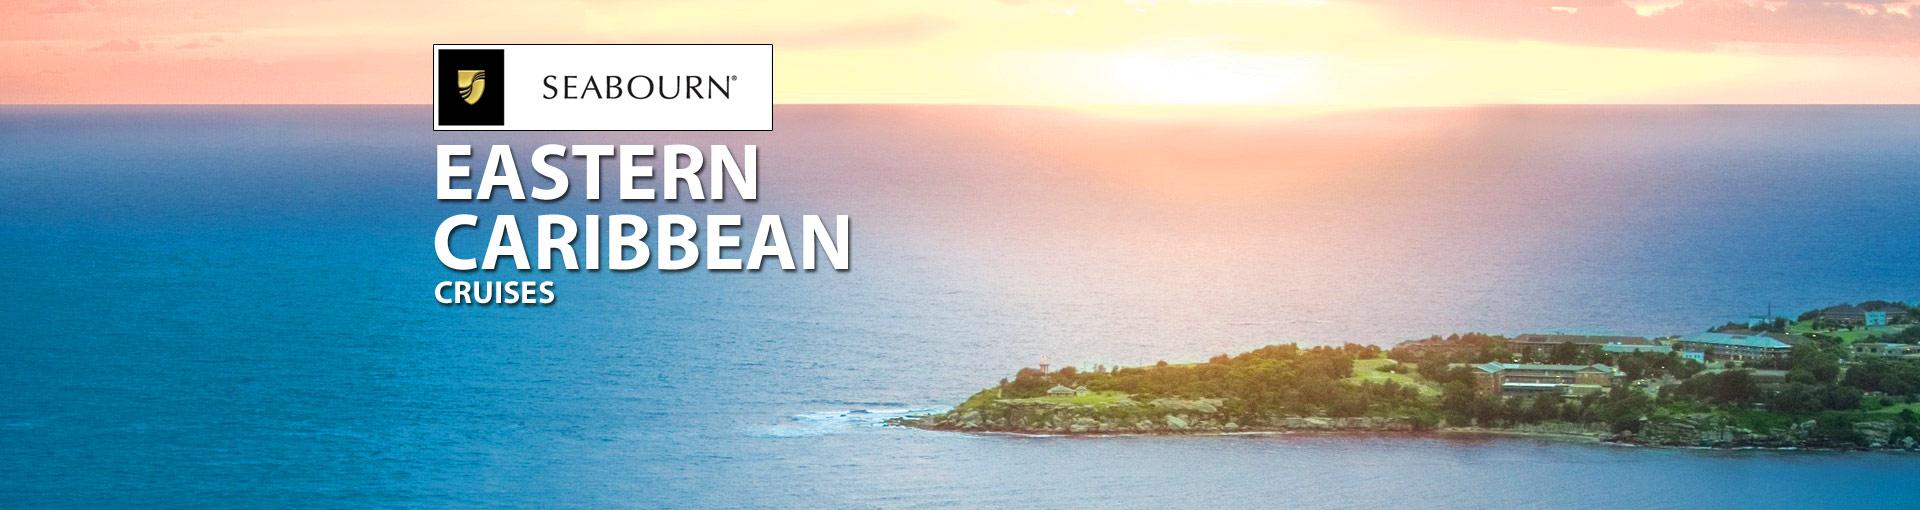 Seabourn Cruise Line Eastern Caribbean Cruises